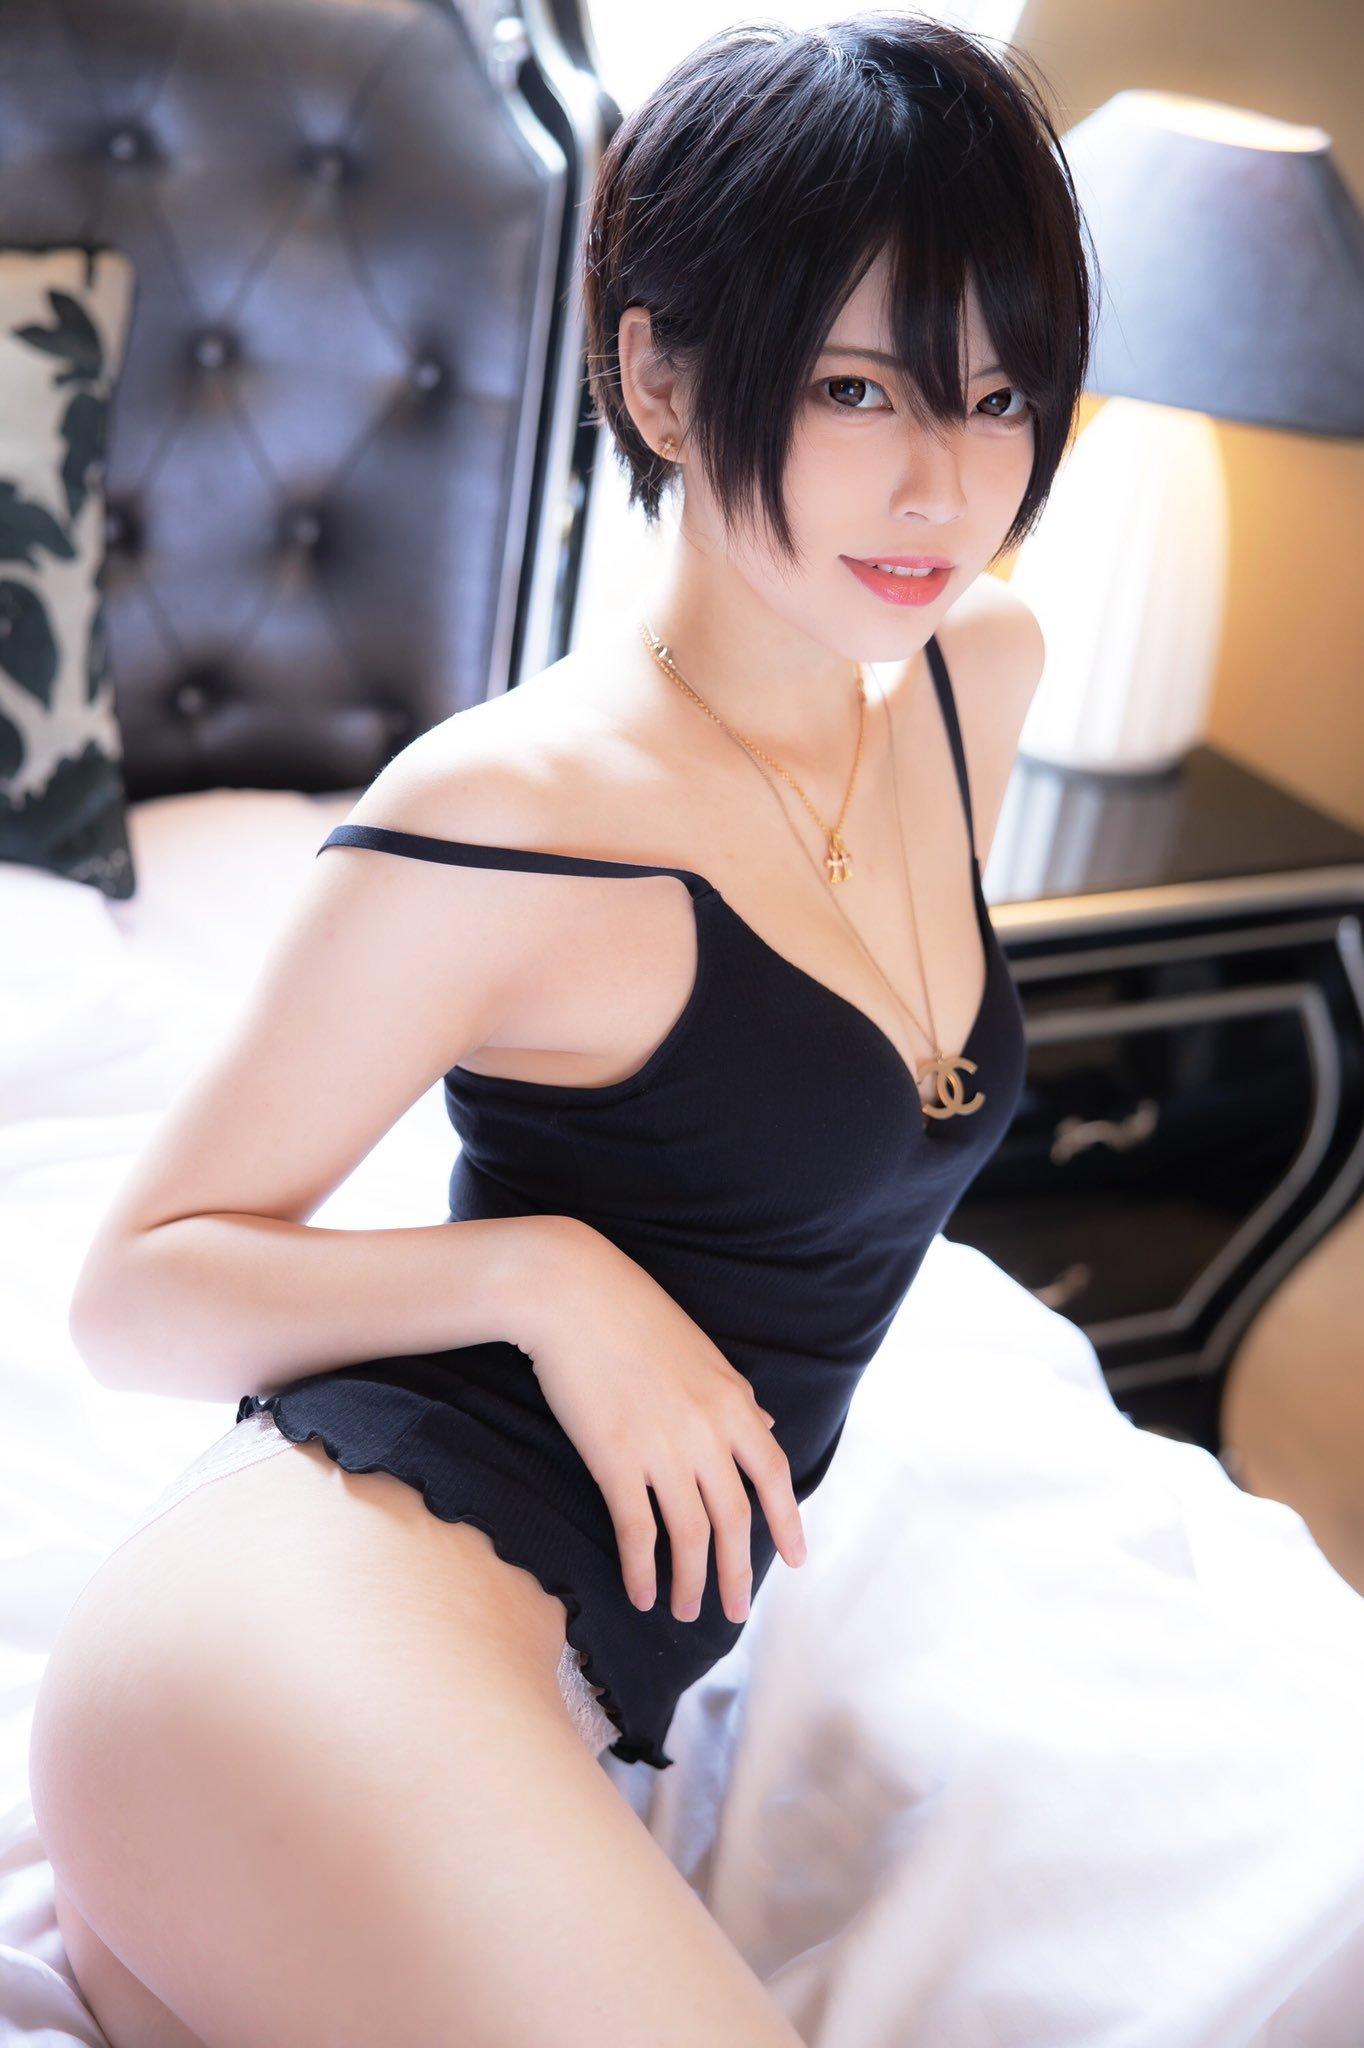 HiroPhotoLife 1277946001626550273_p1